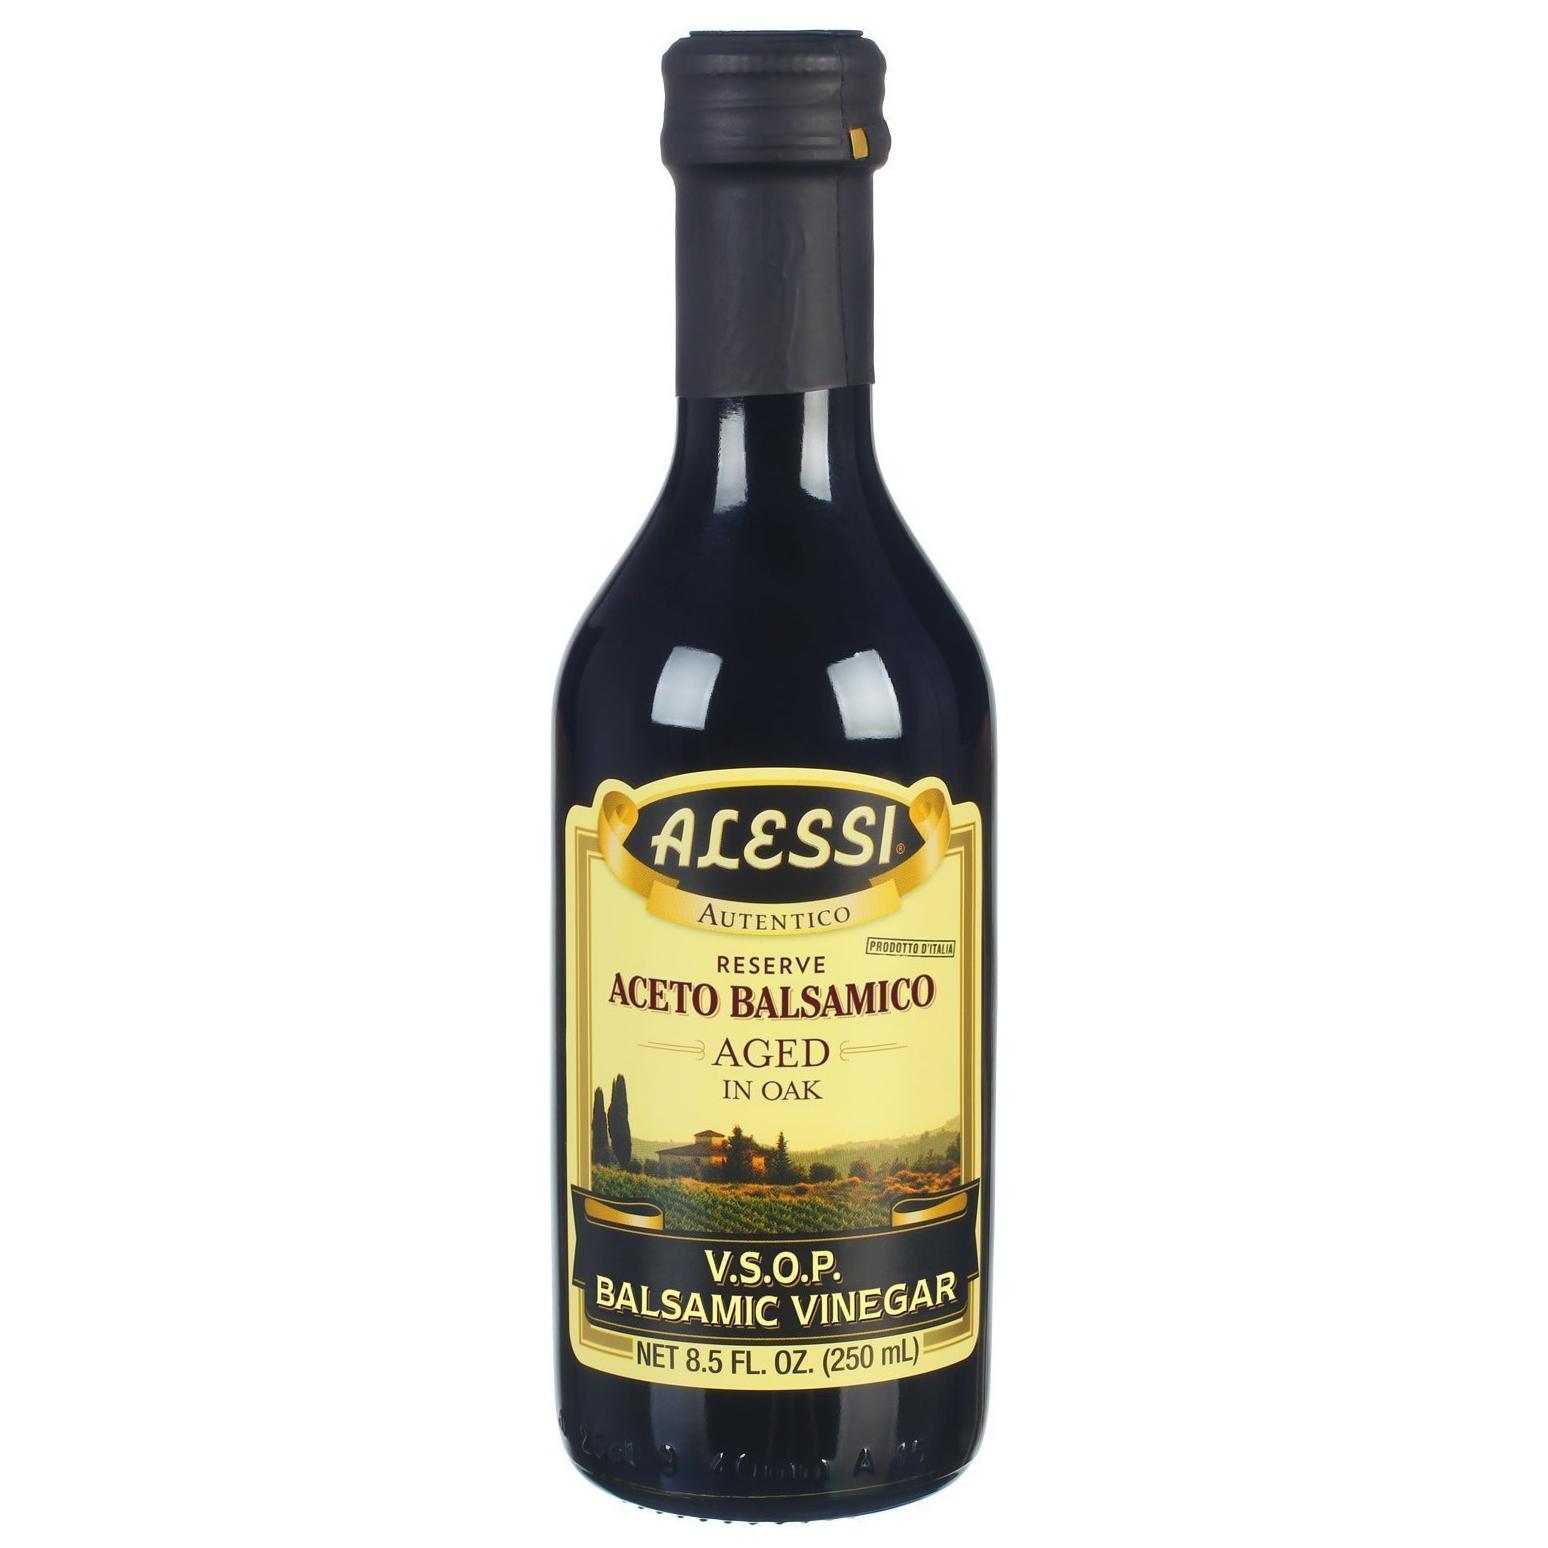 ALESSI - PREMIUM ACETO BALSASMICO AGED IN OAK - (V.S.O.P. Balsamic Vinegar) - 8.5oz